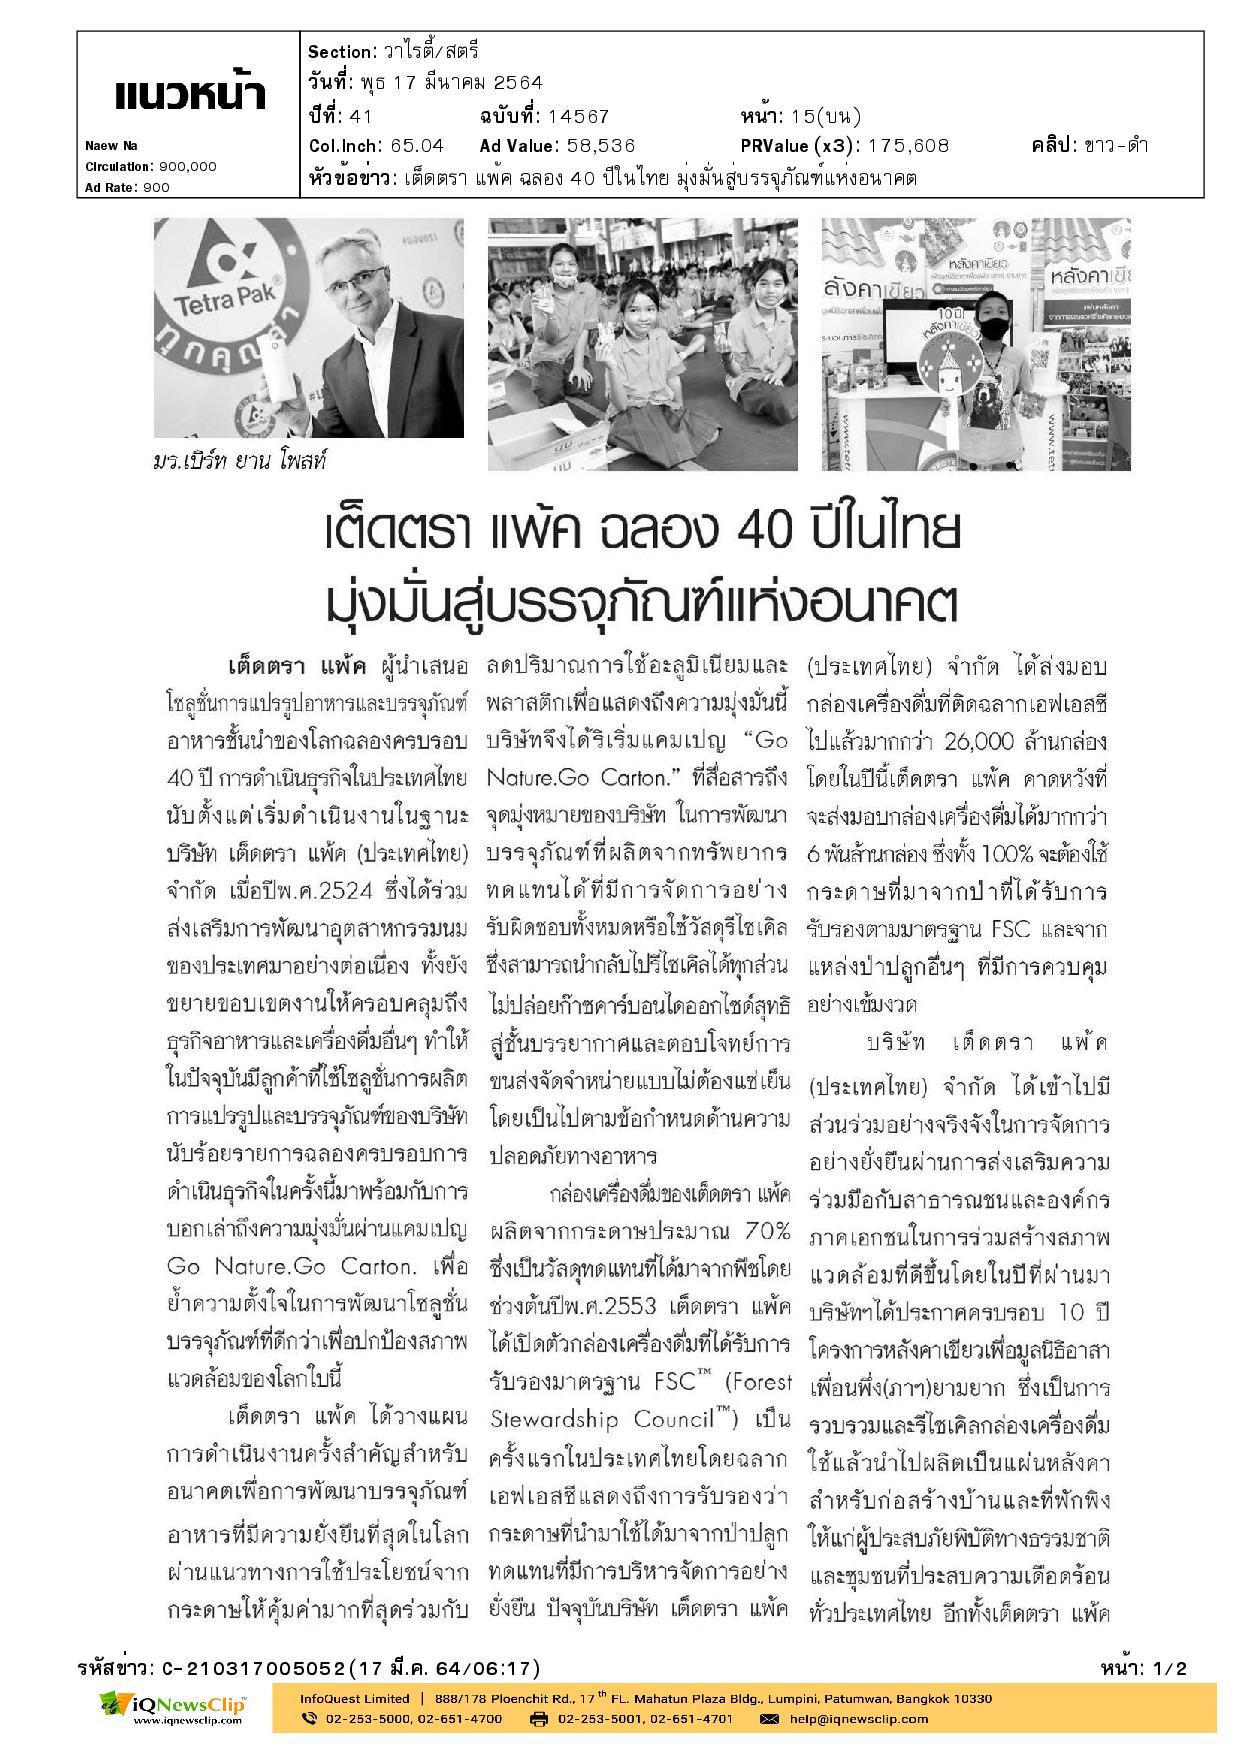 โครงการหลังคาเขียวเพื่อมูลนิธิอาสาเพื่อนพึ่ง (ภาฯ) ยามยาก สภากาชาดไทย